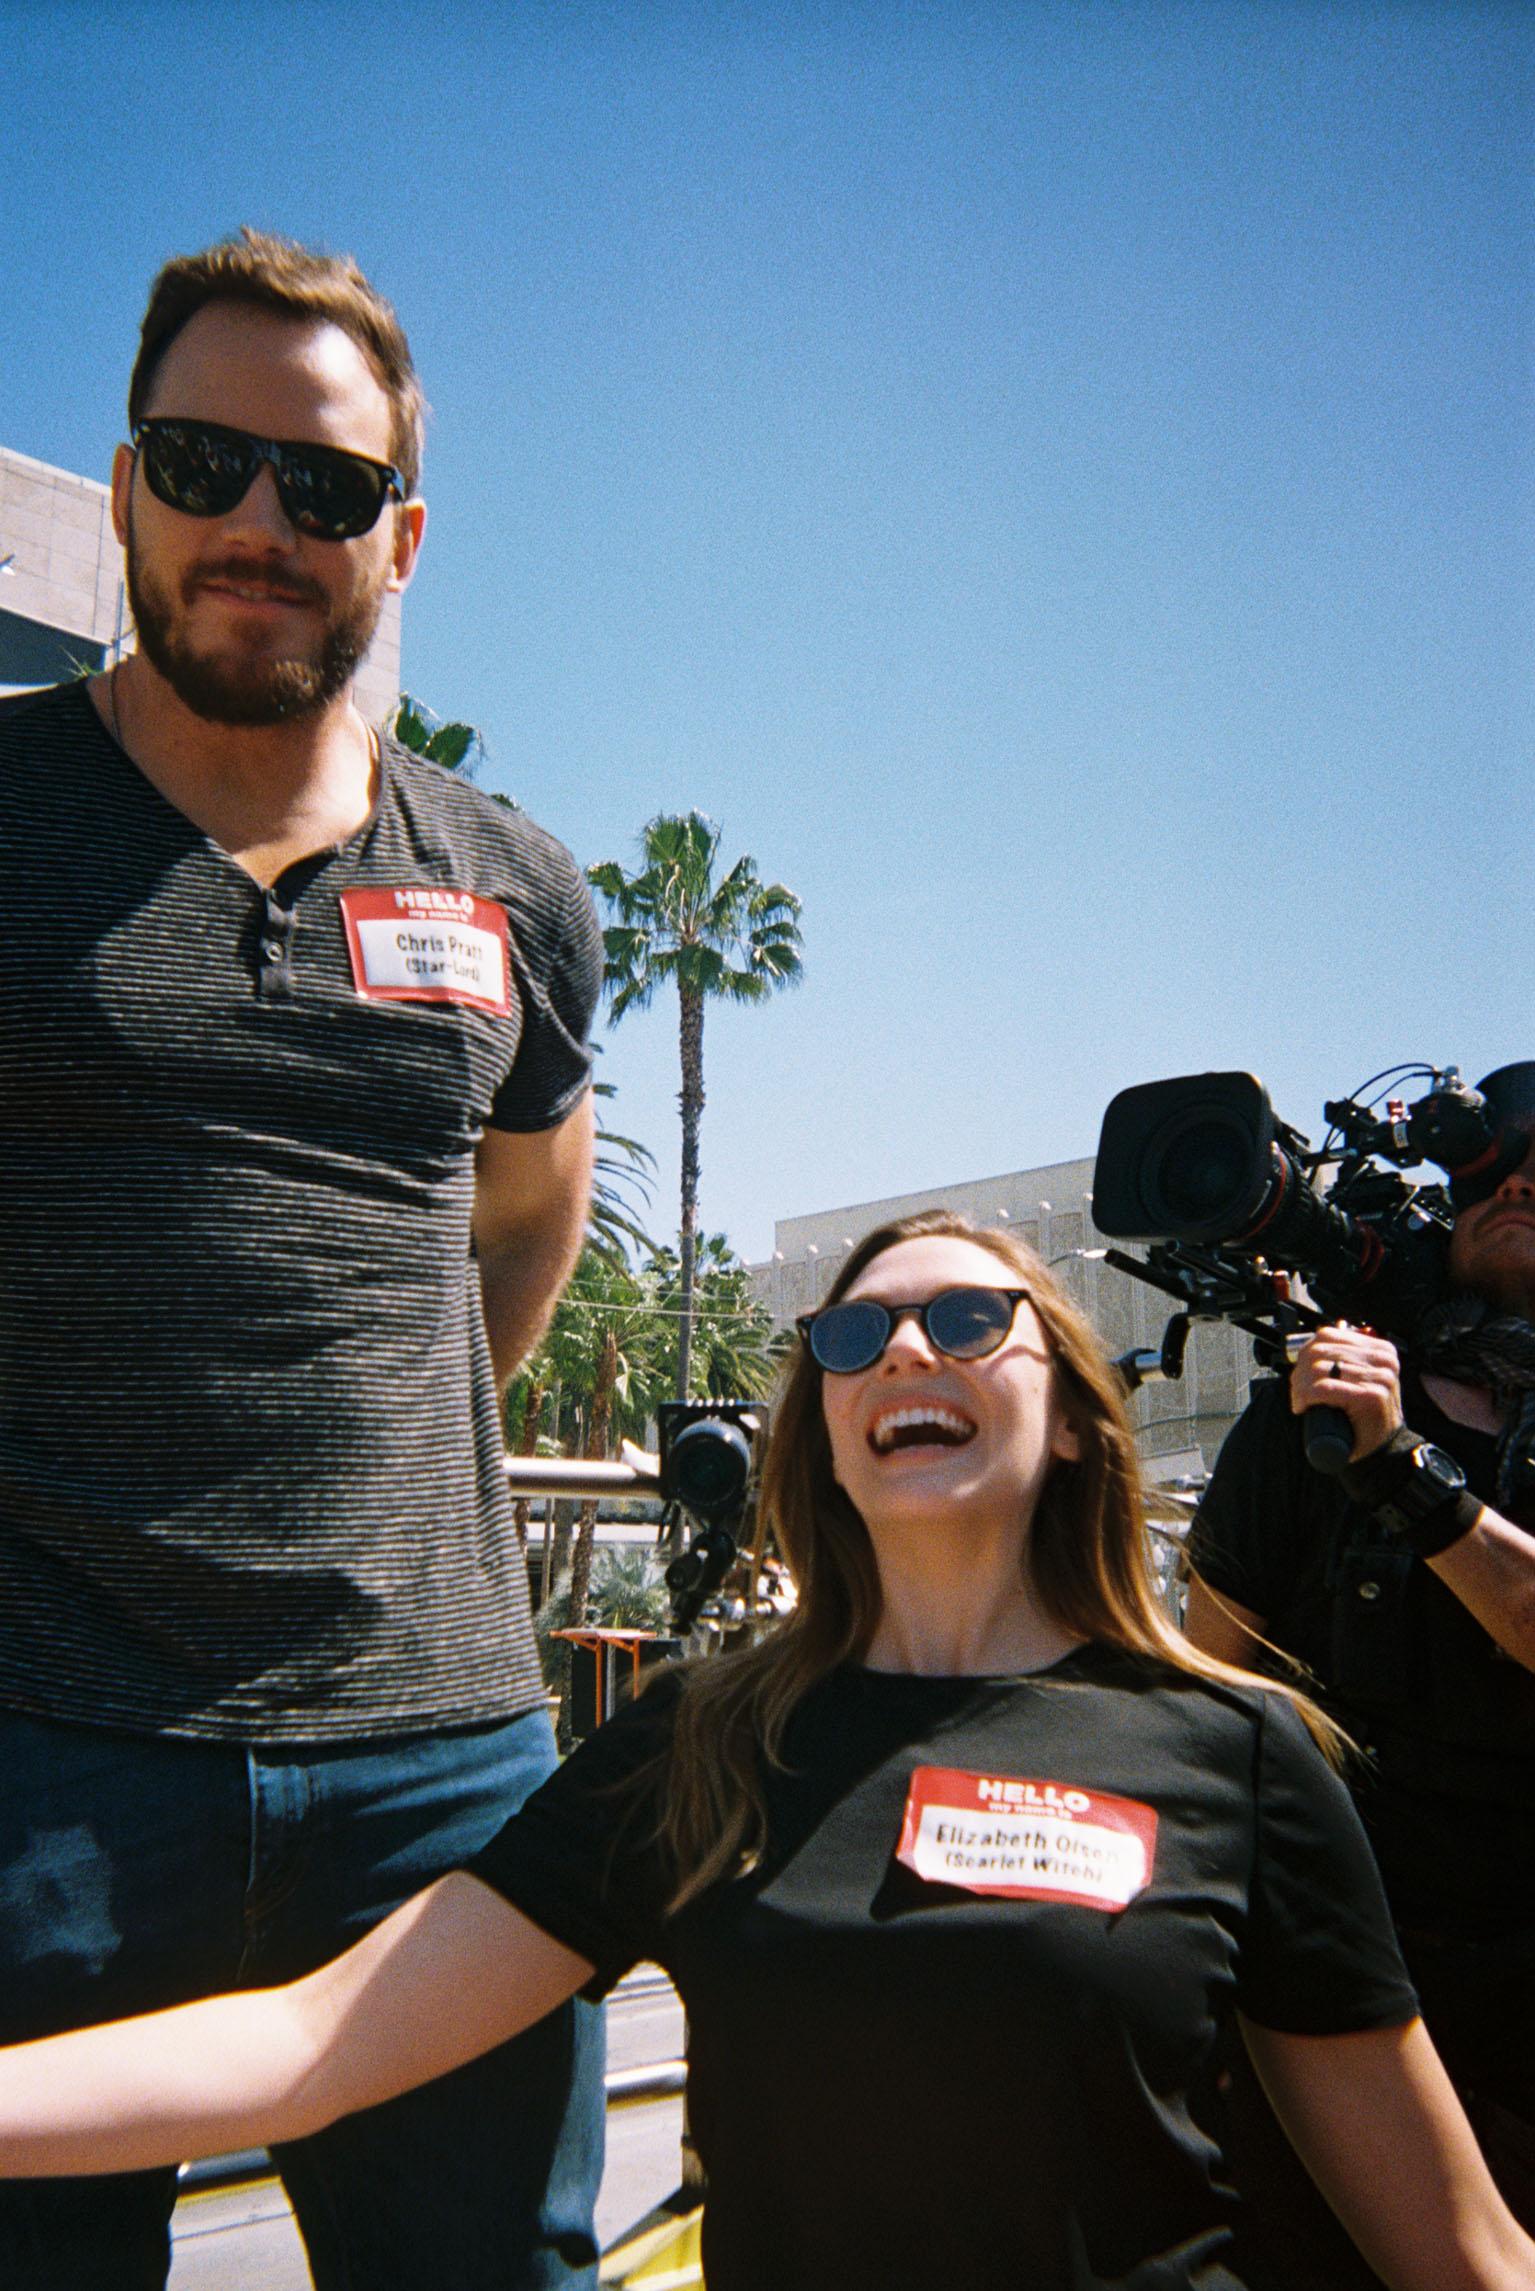 Chris Pratt and Elizabeth Olsen